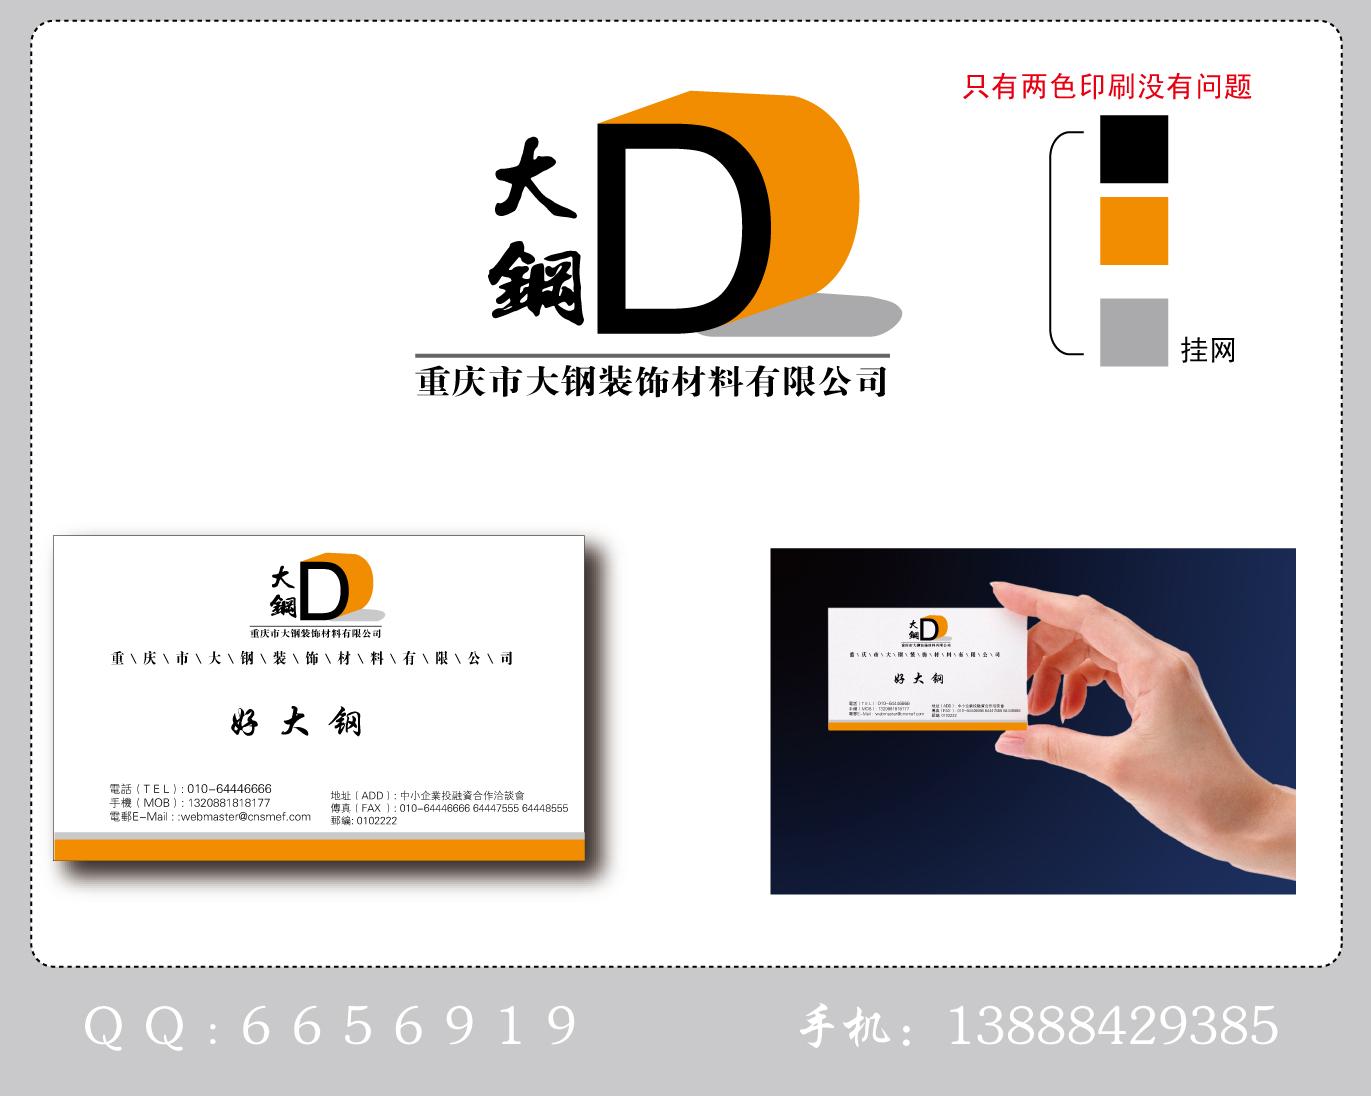 深圳装饰行业知名装饰公司十大别墅设计师作品(2)